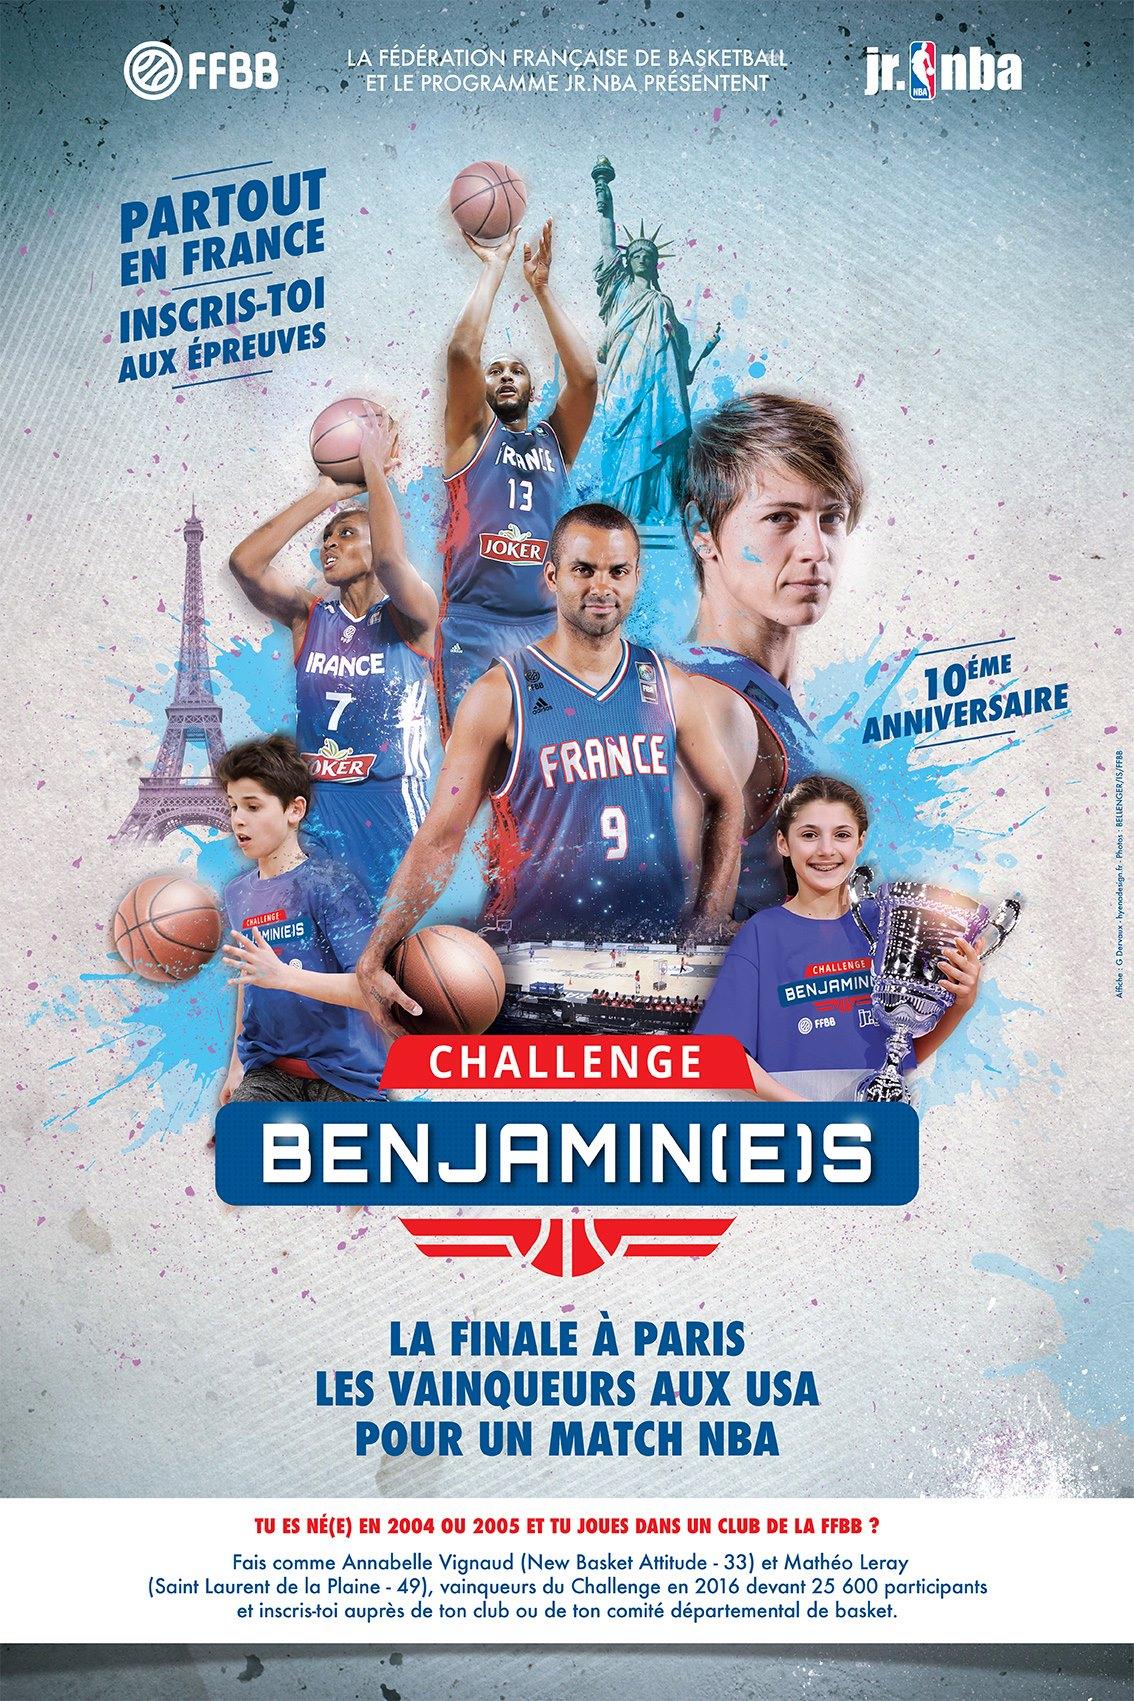 challenge-benjamins-2016-2017